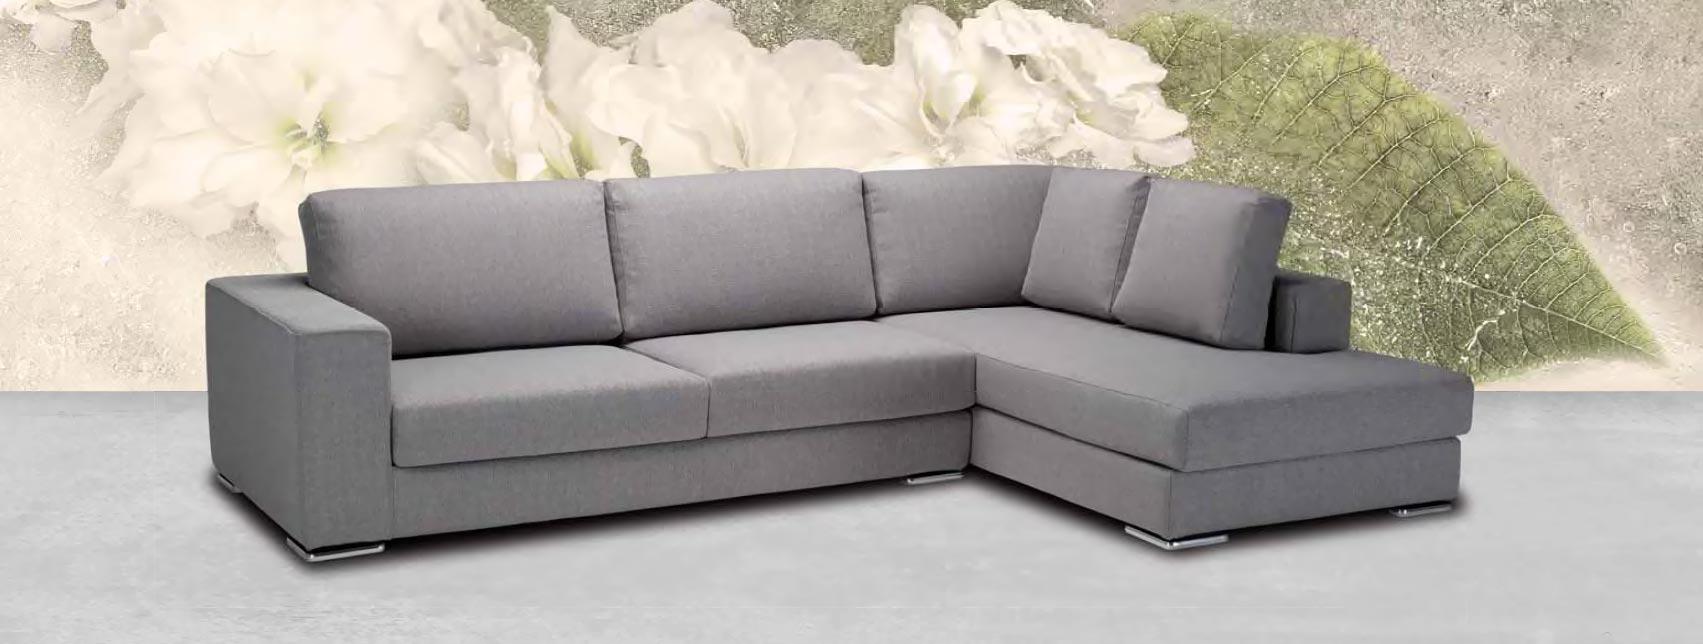 Vendita divani brescia